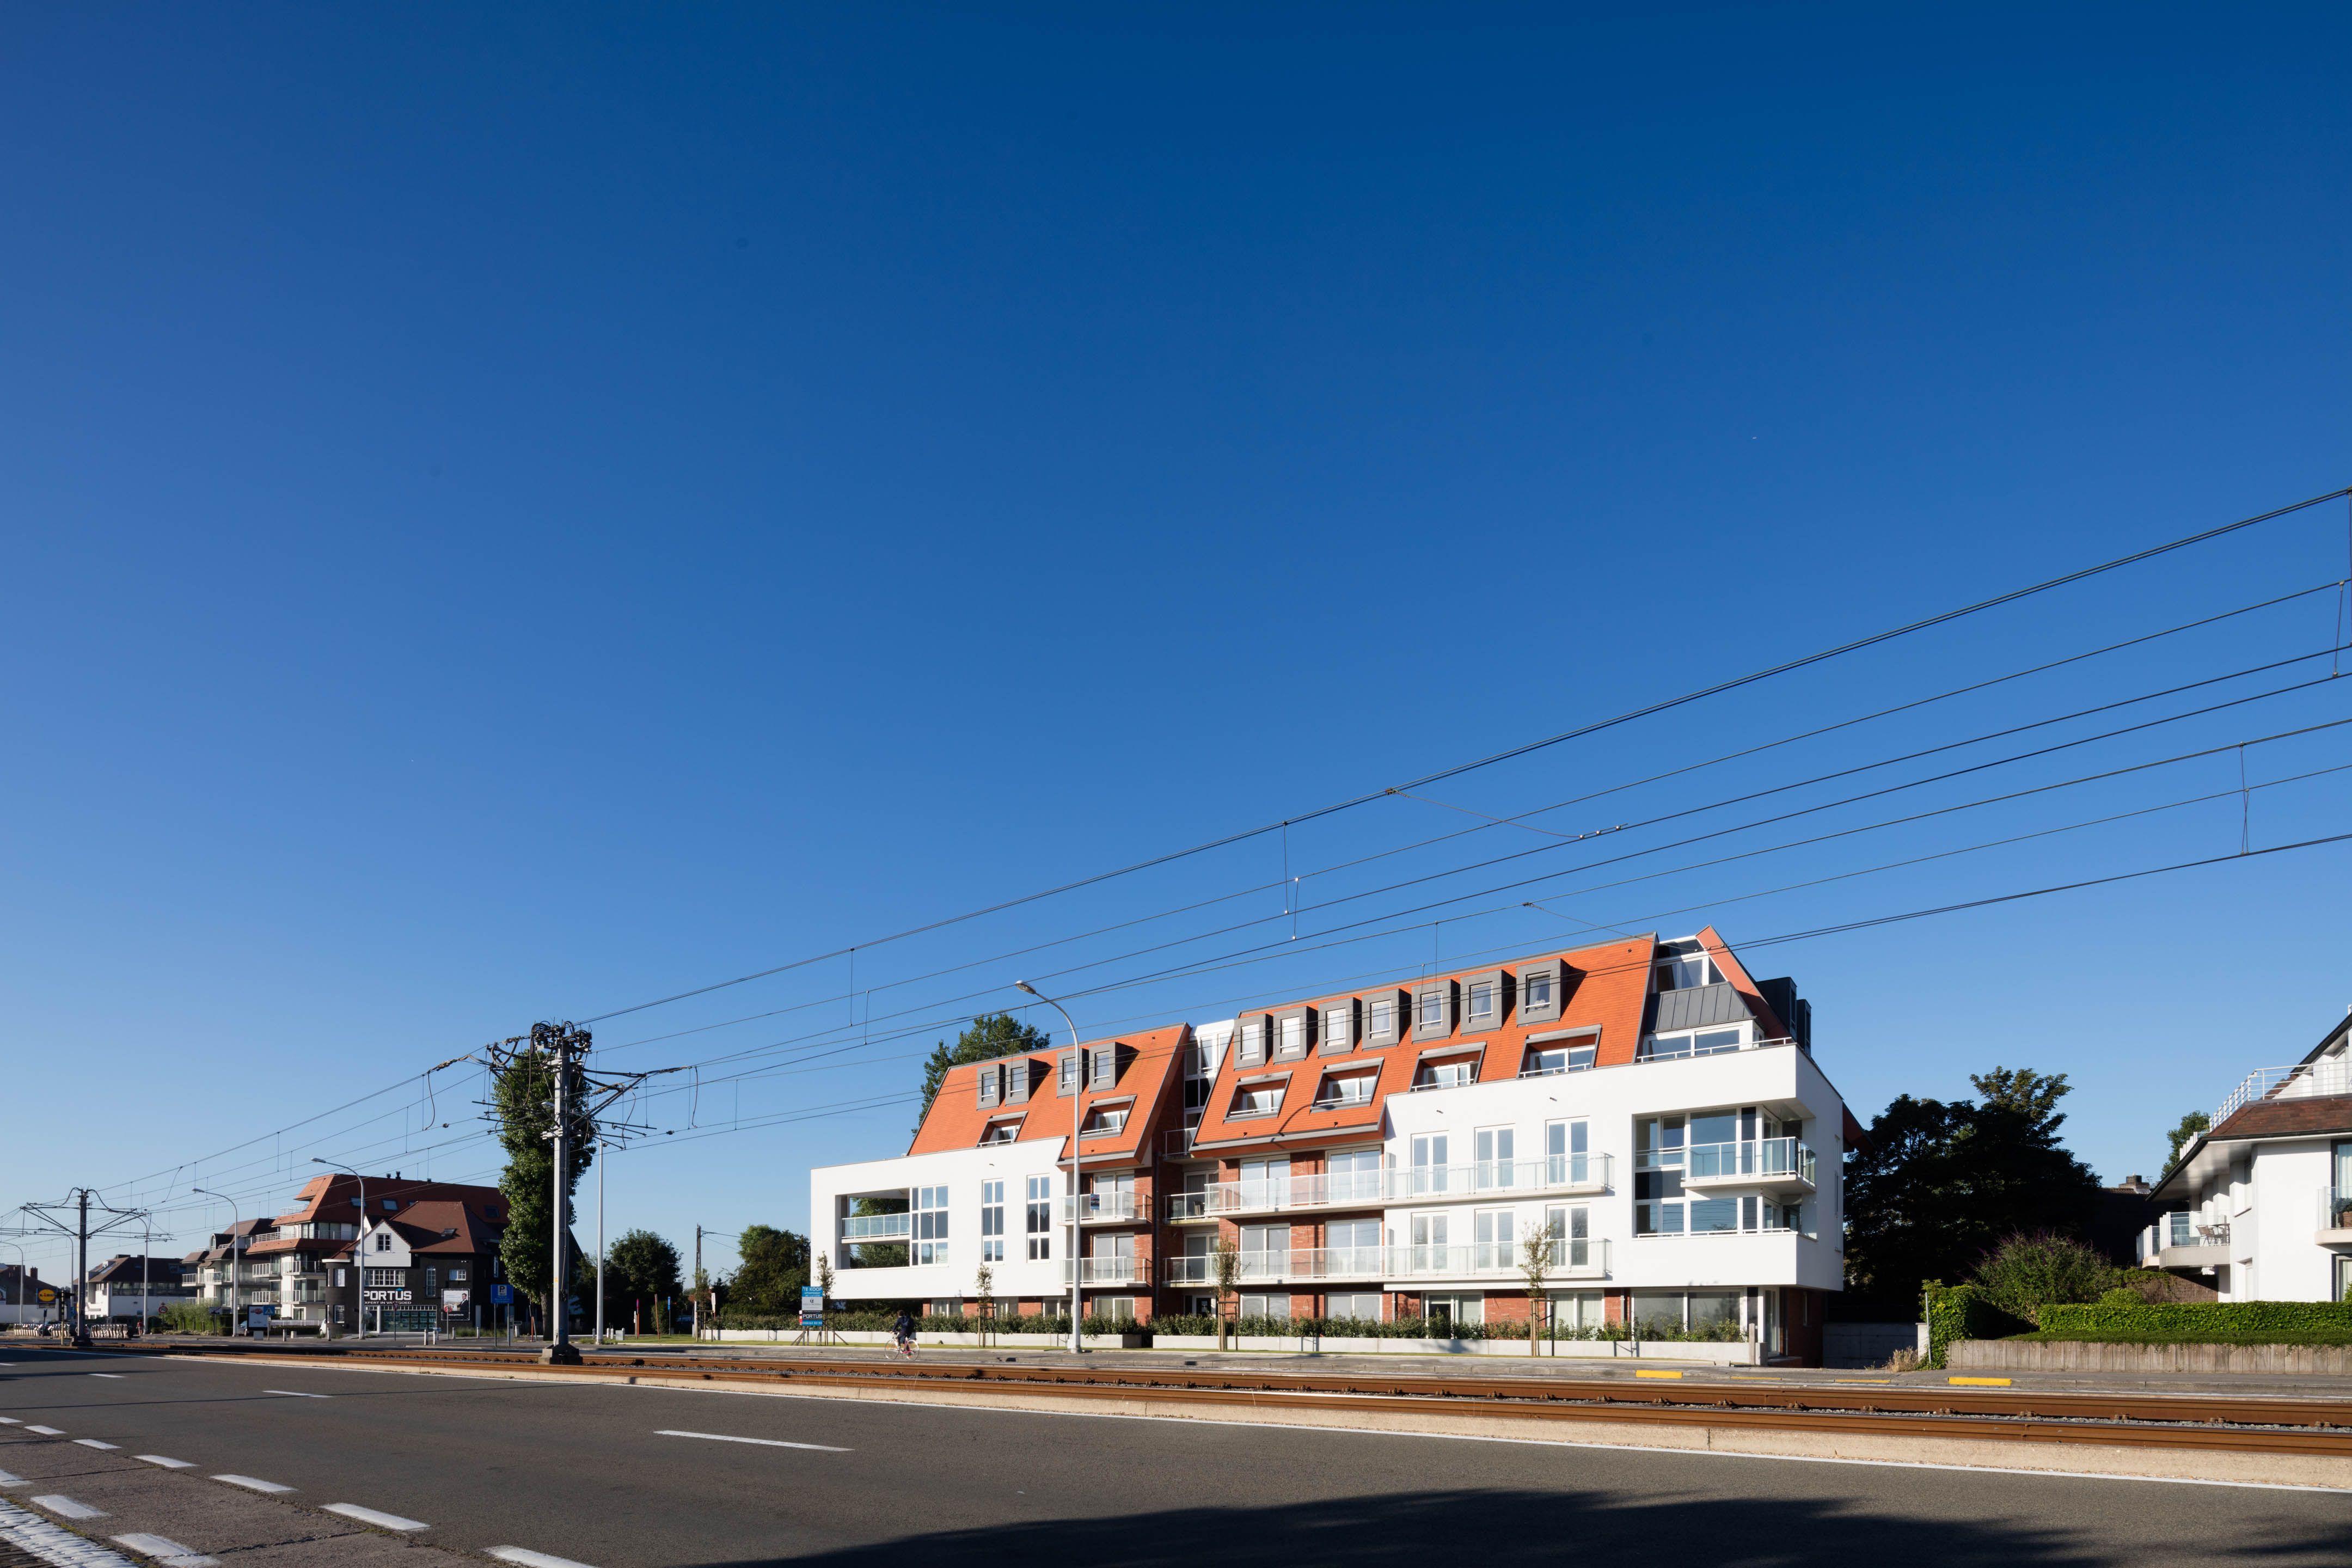 Appartement Residentie Villa Crombez Nieuwpoort - 9255